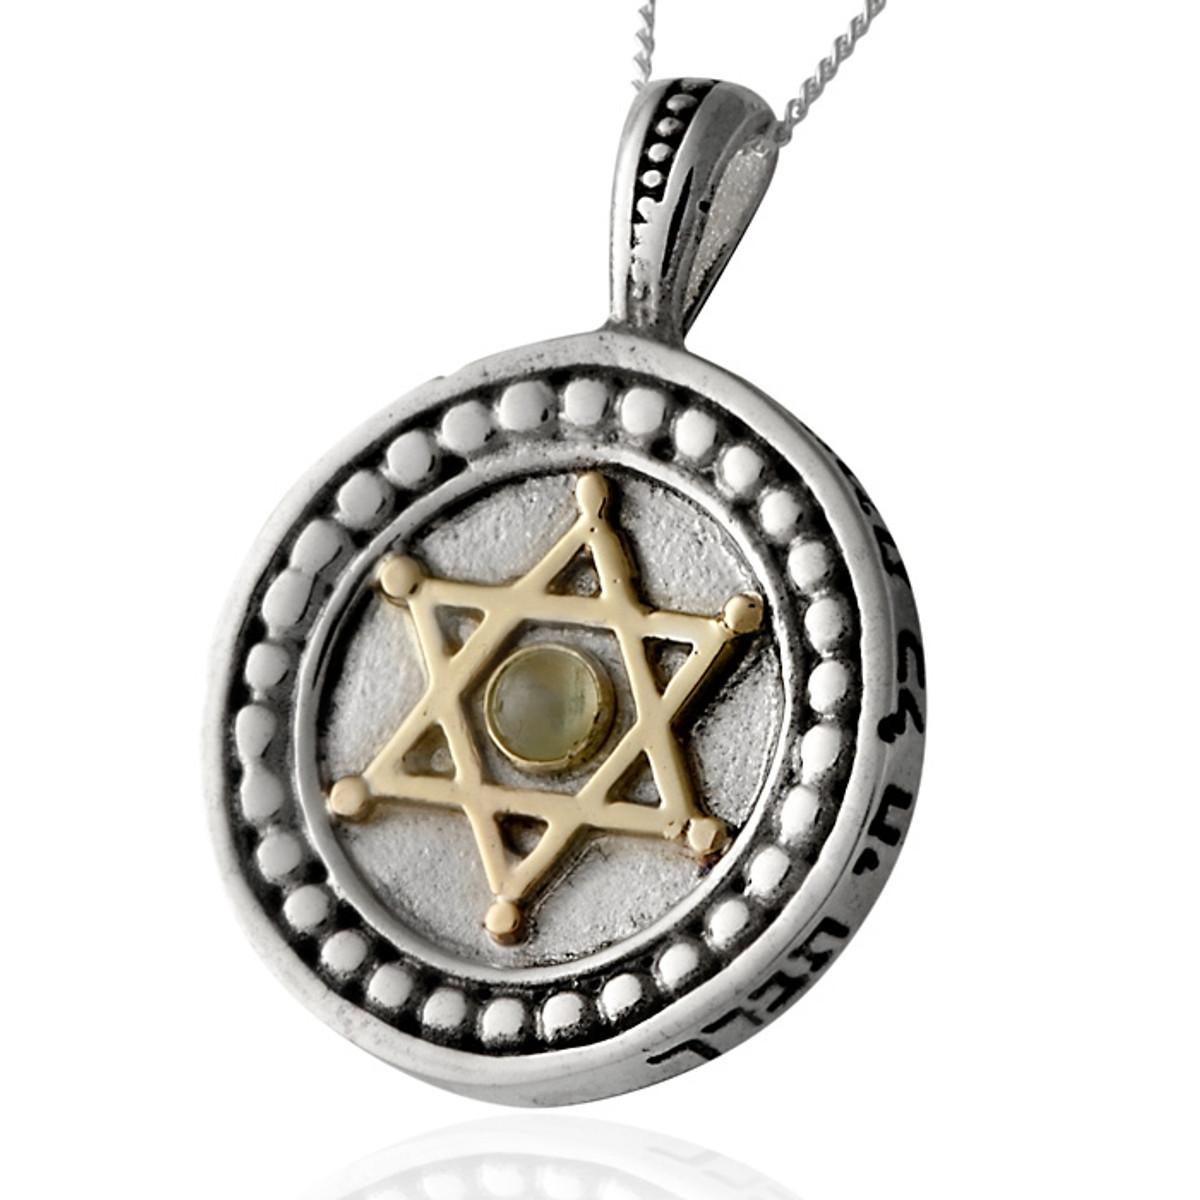 Isaac Kabbalah Pendant